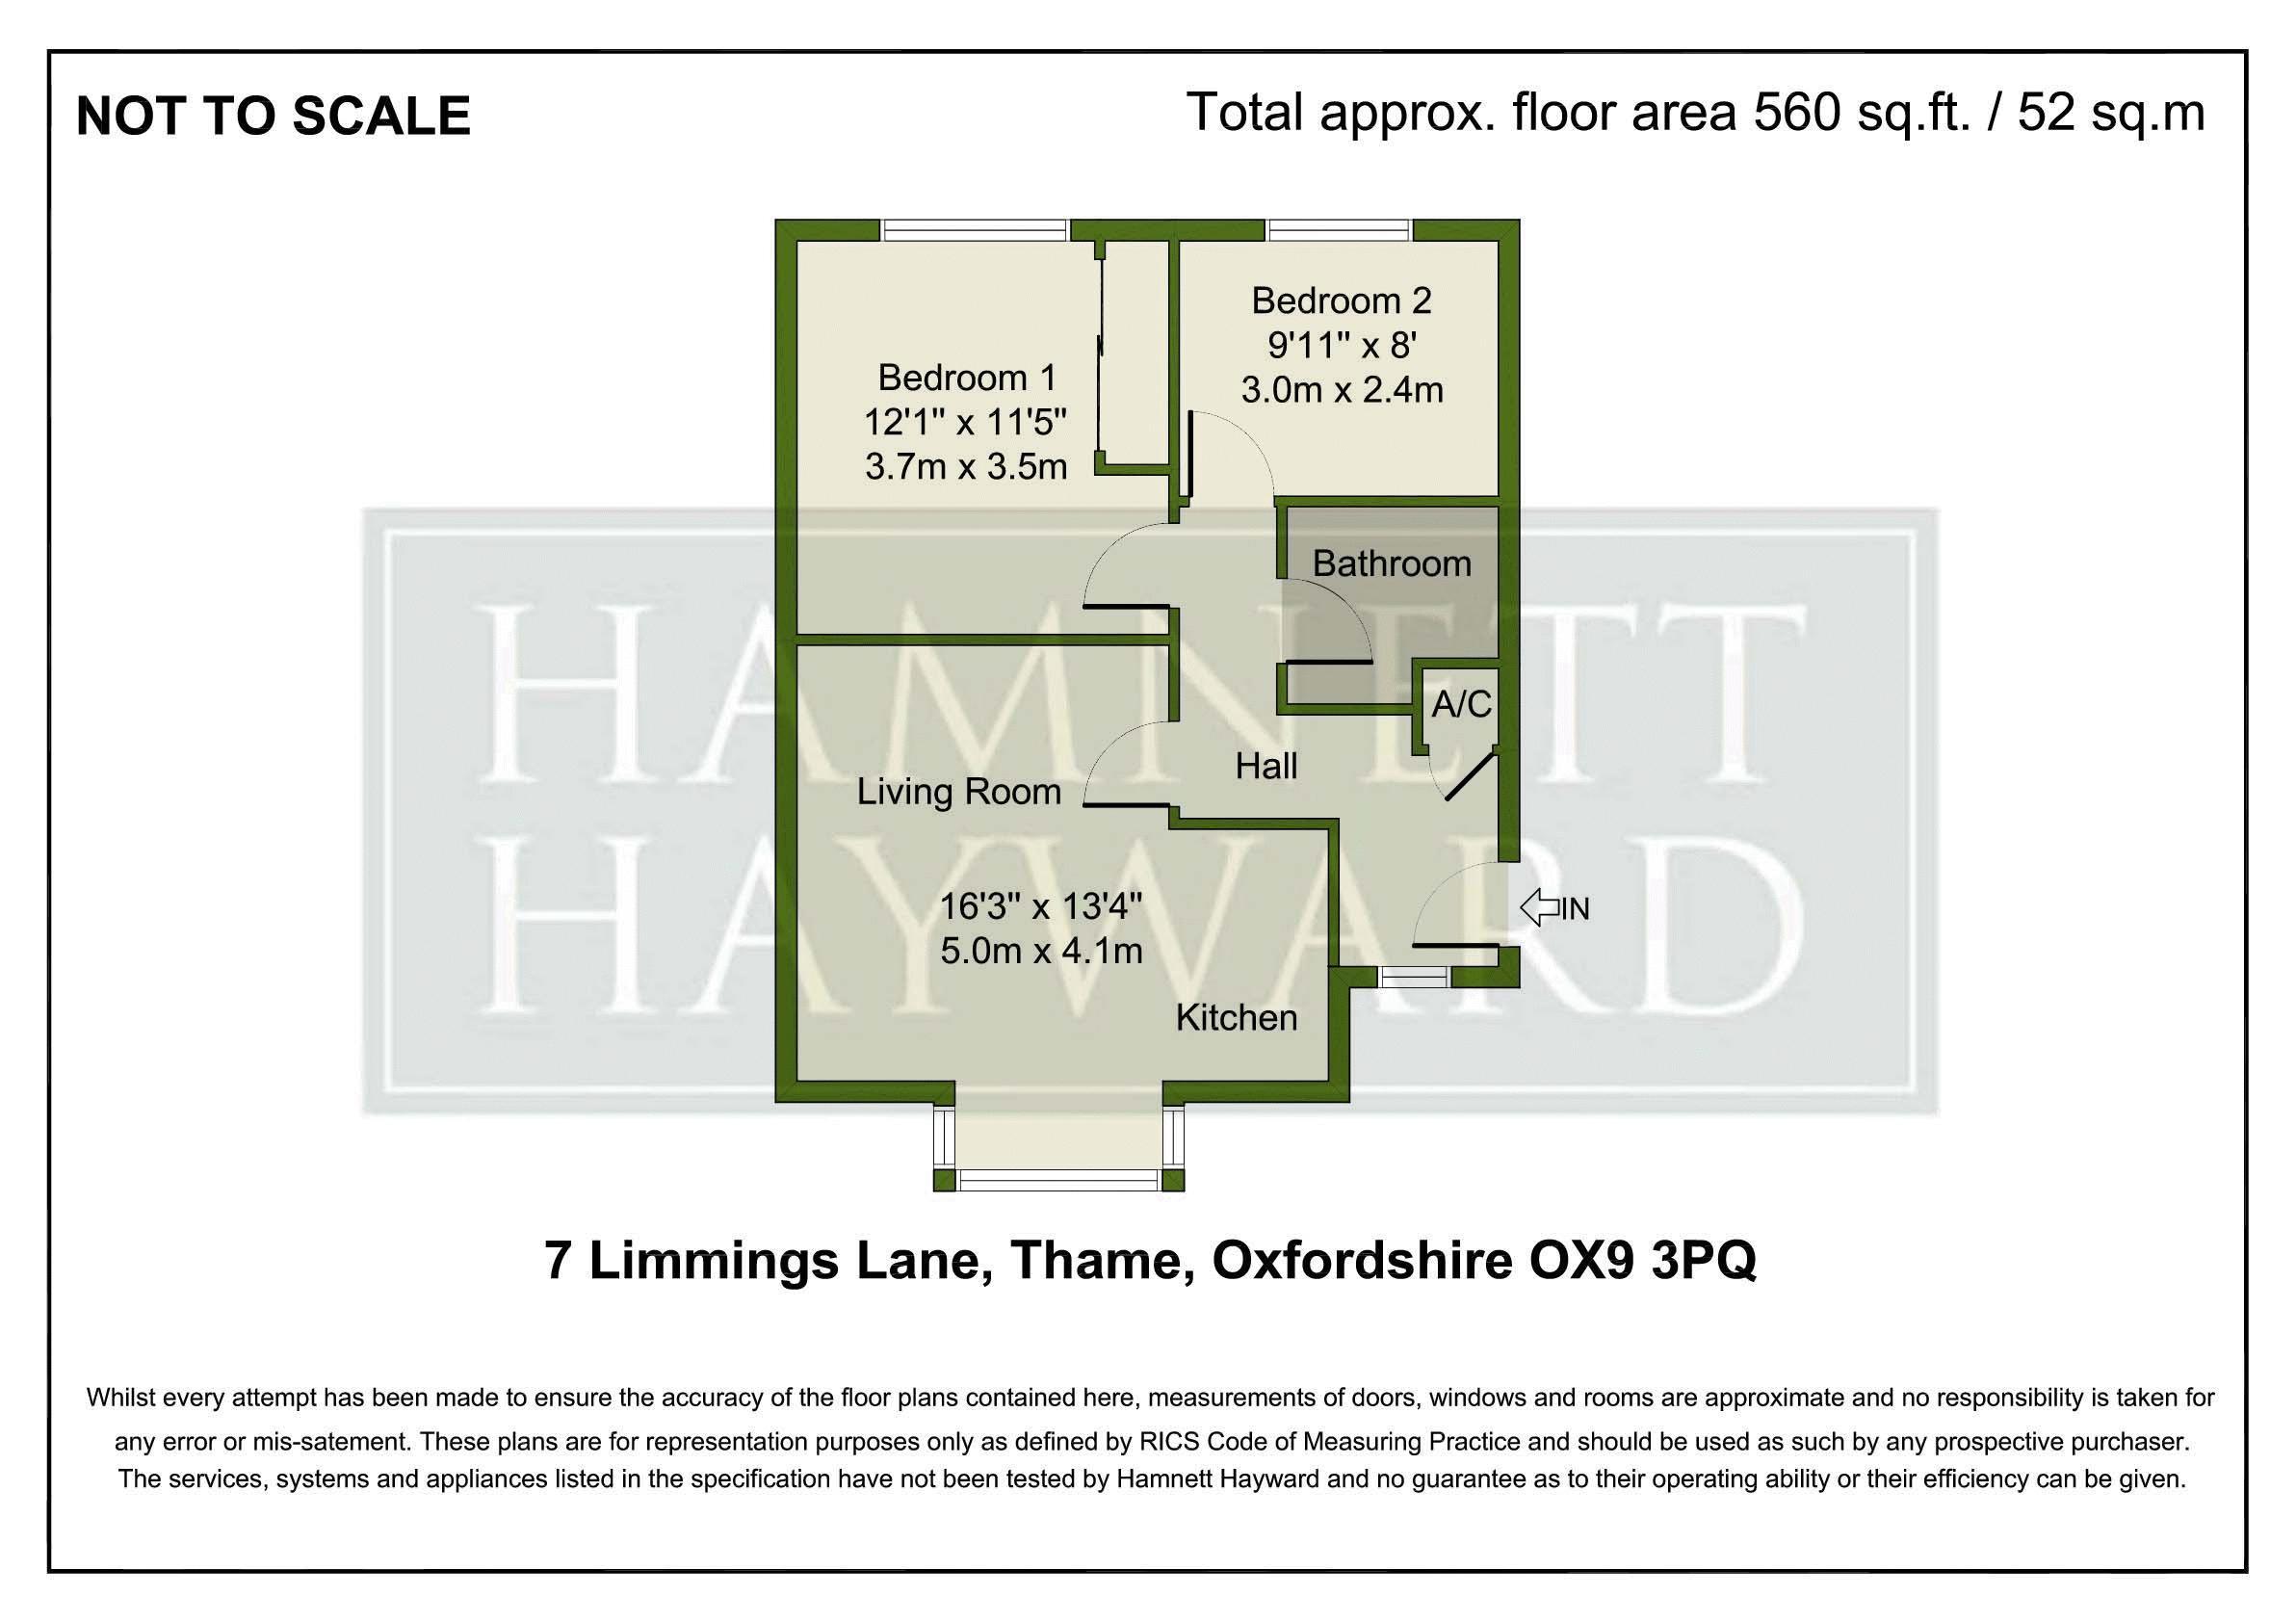 Limmings Lane